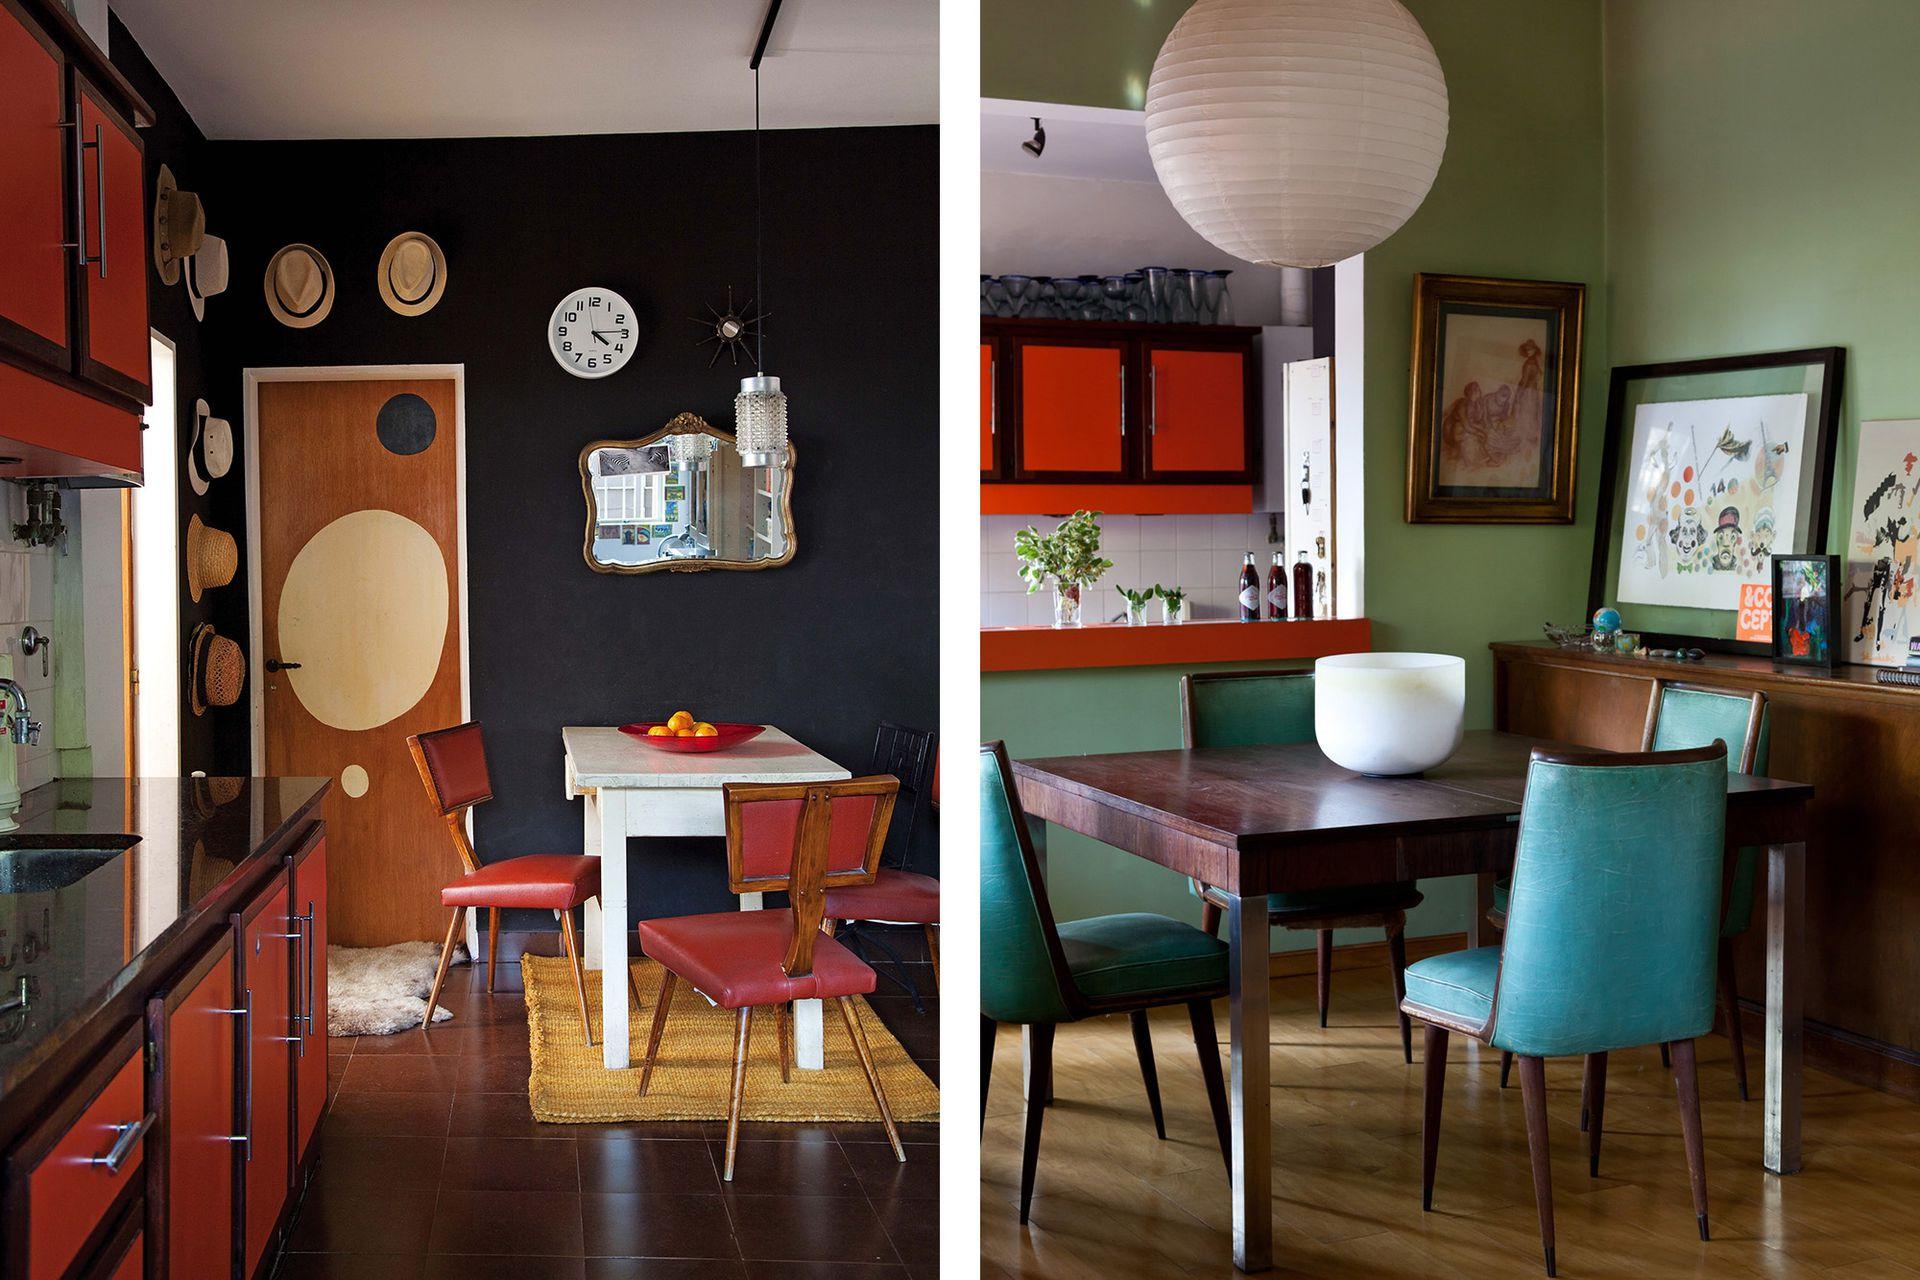 El living está integrado al comedor con vajillero antiguo y sillas años 60 retapizadas. Del otro lado de la barra, la cocina con desayunador. El dibujo de la puerta está inspirado en las formas de Alexander Calder.